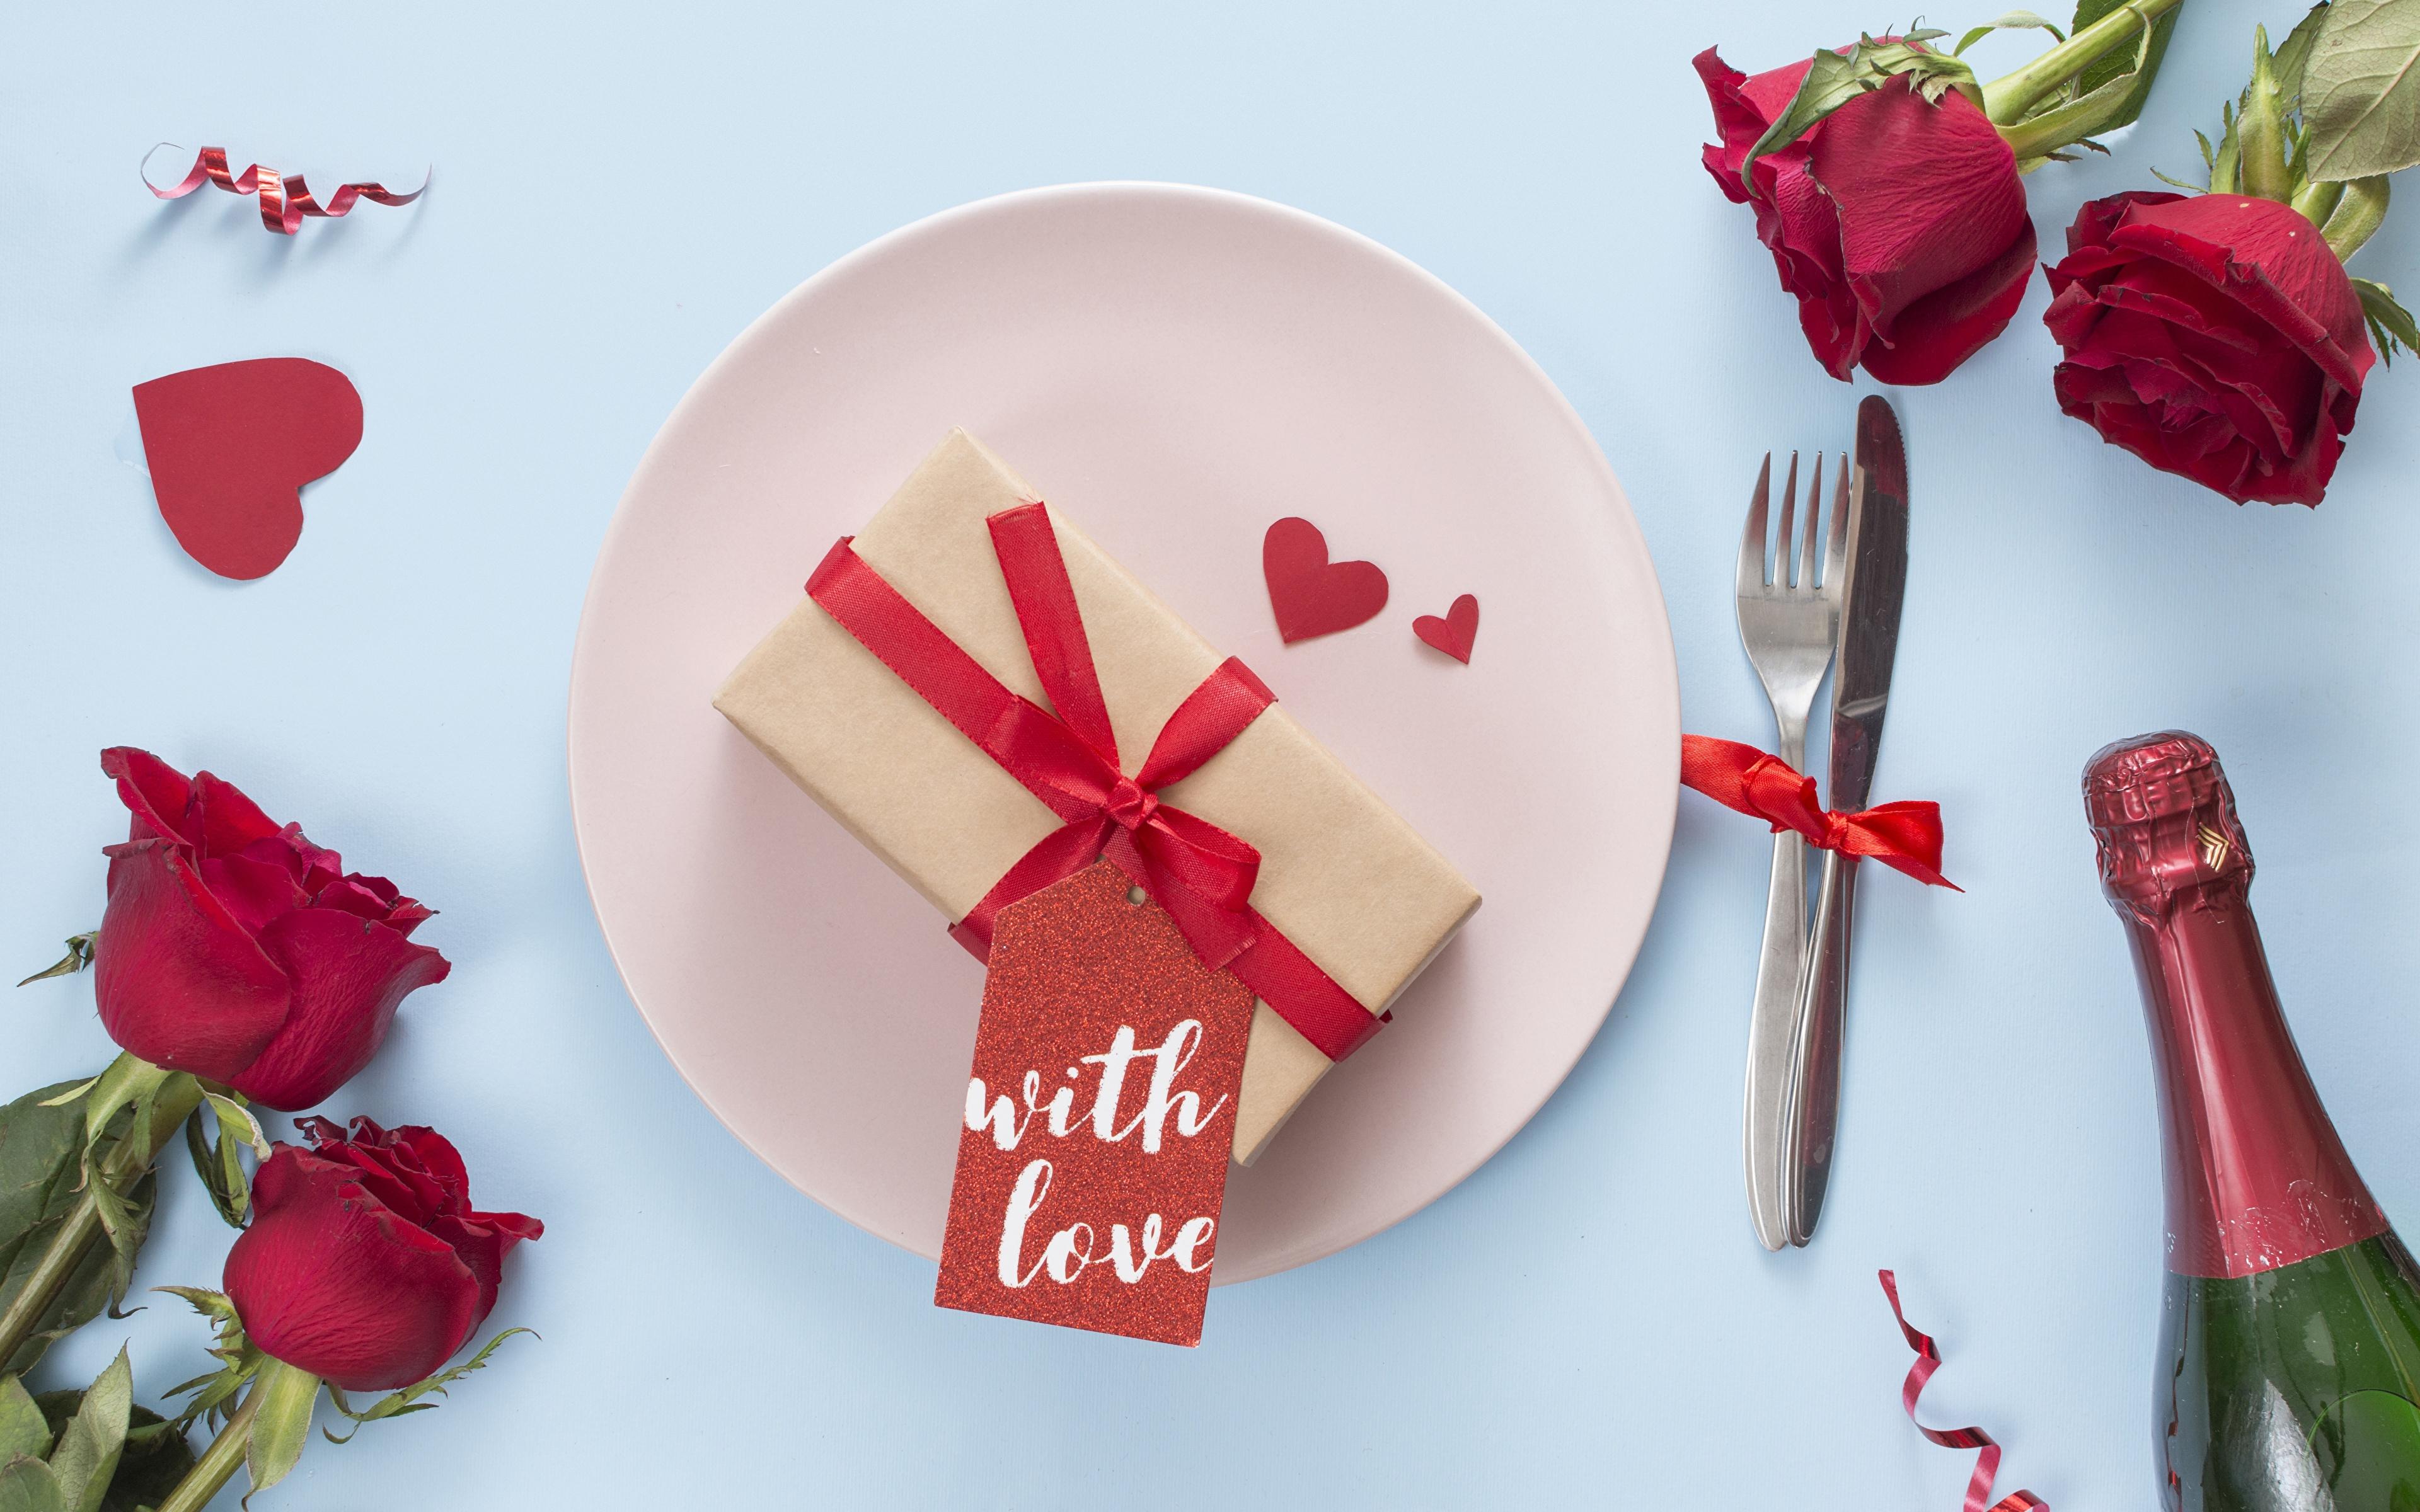 Обои для рабочего стола День святого Валентина Сердце Розы цветок Тарелка Вилка столовая 3840x2400 День всех влюблённых серце сердца сердечко роза Цветы вилки тарелке